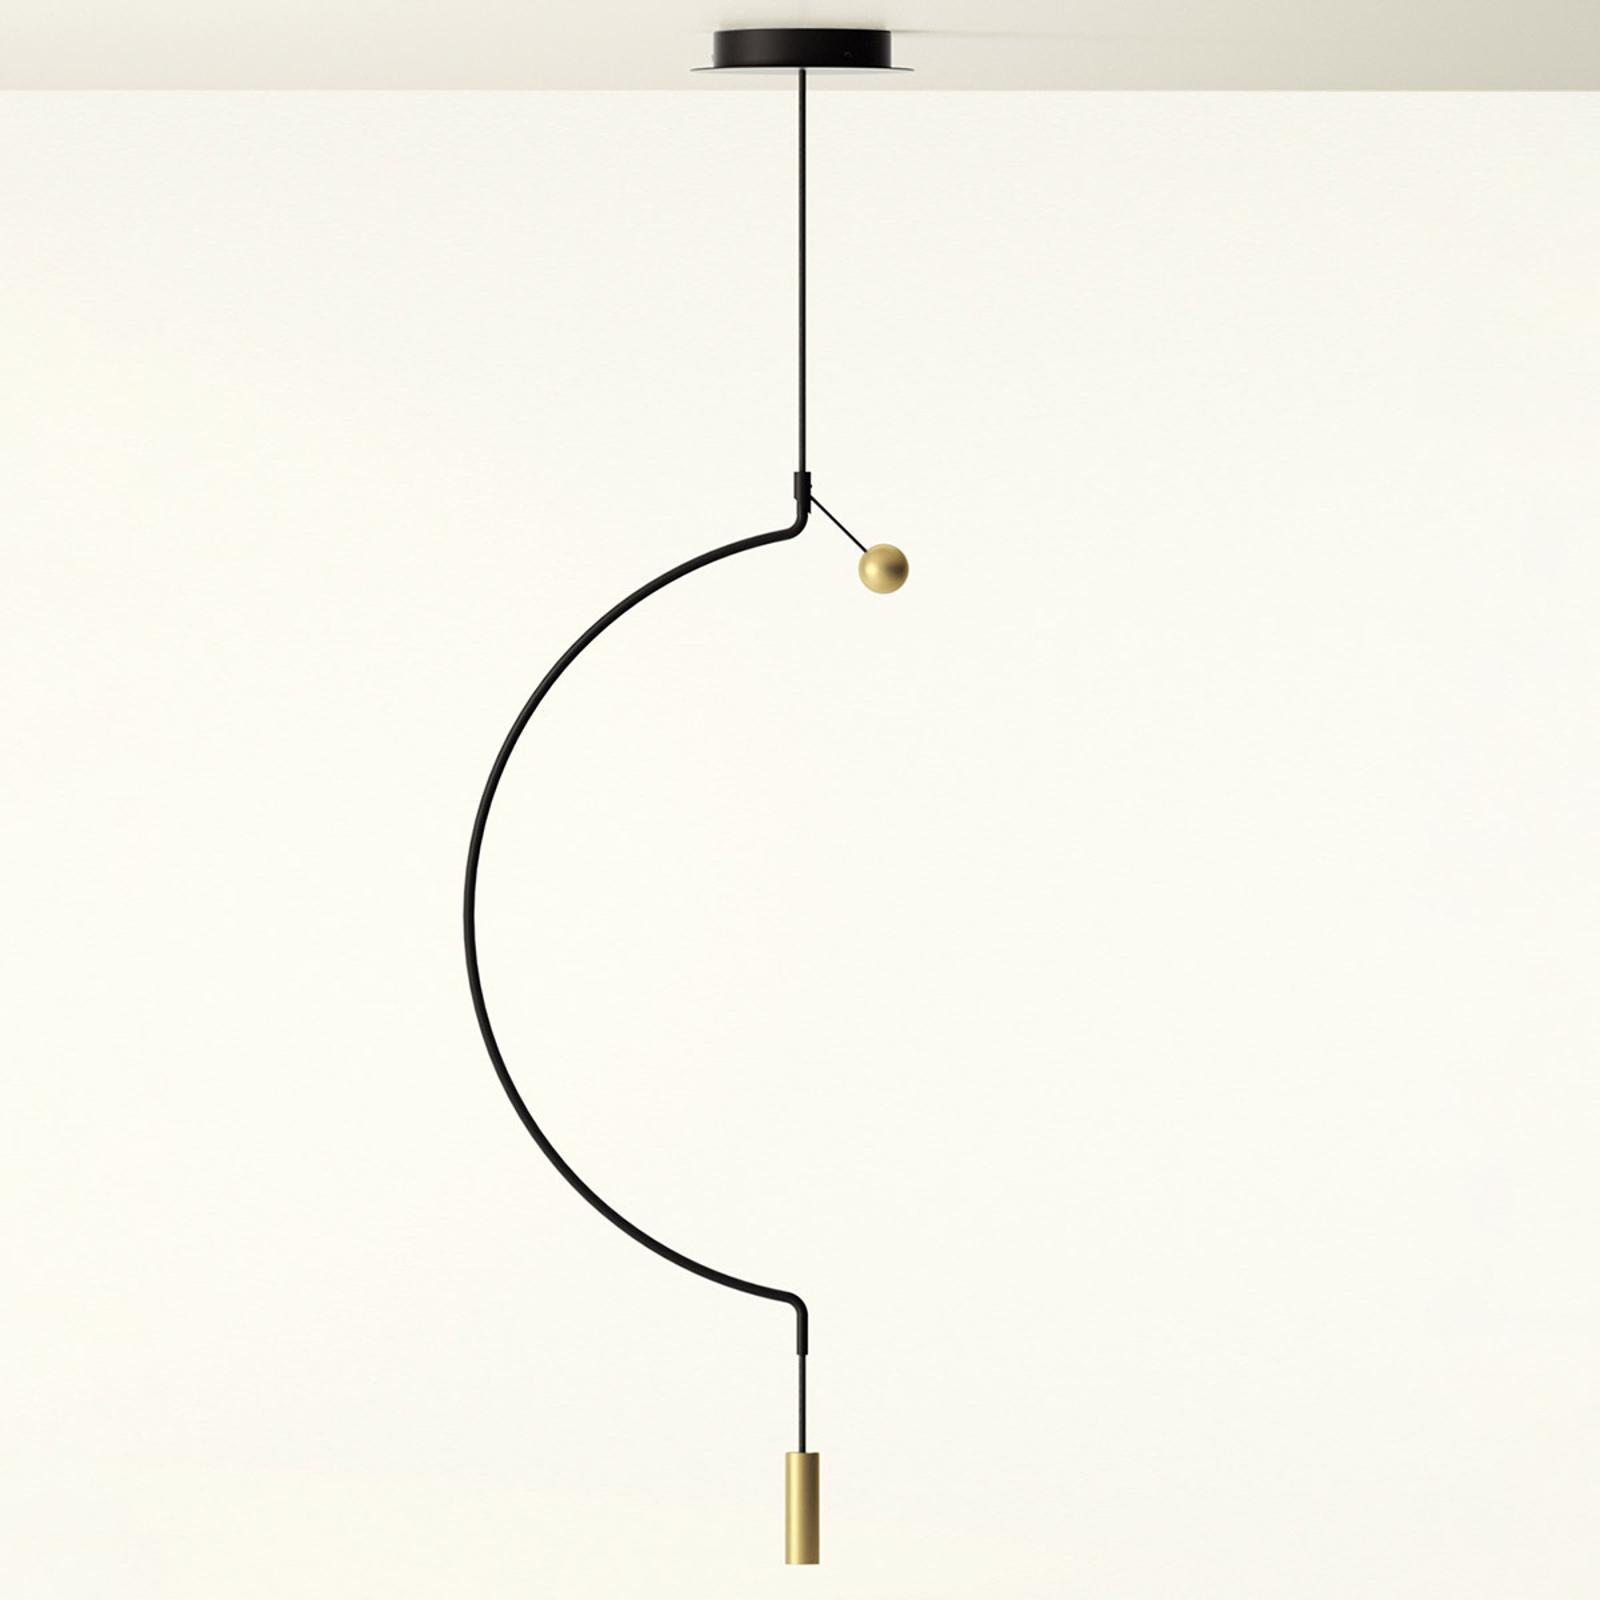 Axolight Liaison M1 lampa wisząca czarna/złota 46